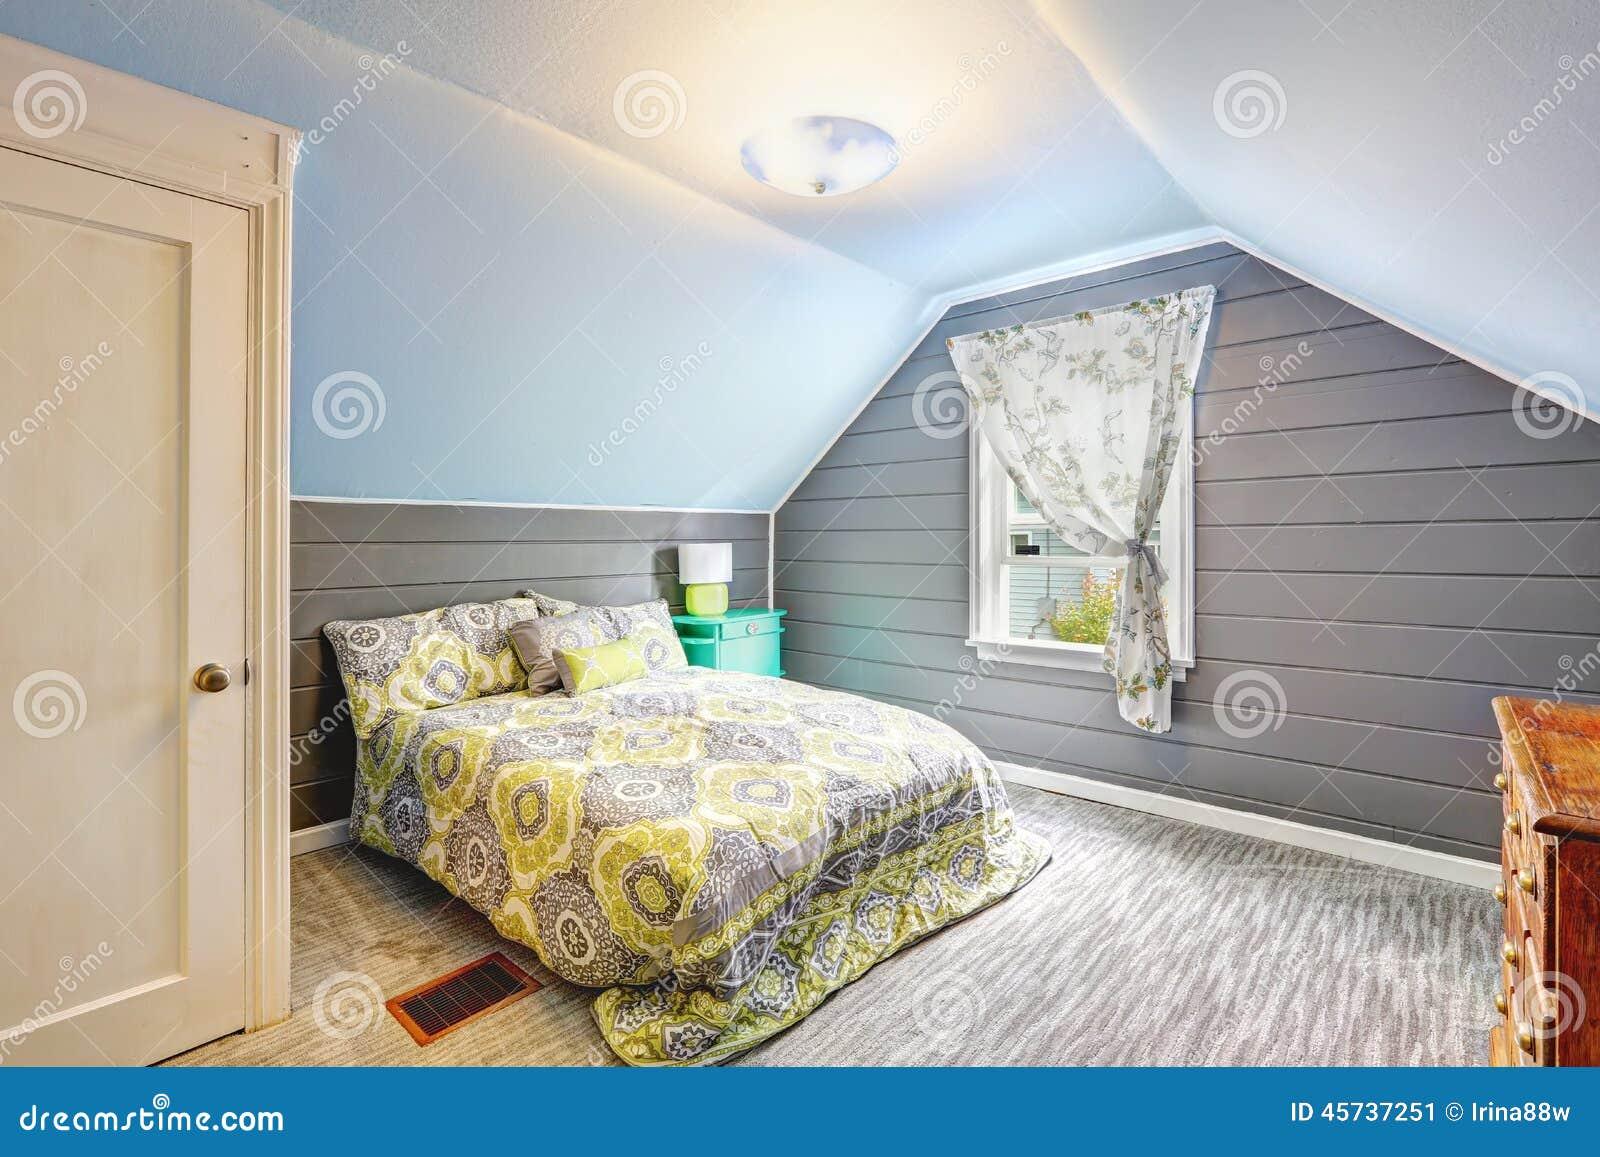 Camera Da Letto Grigio Chiaro : La camera da letto con il soffitto arcato e la plancia ha